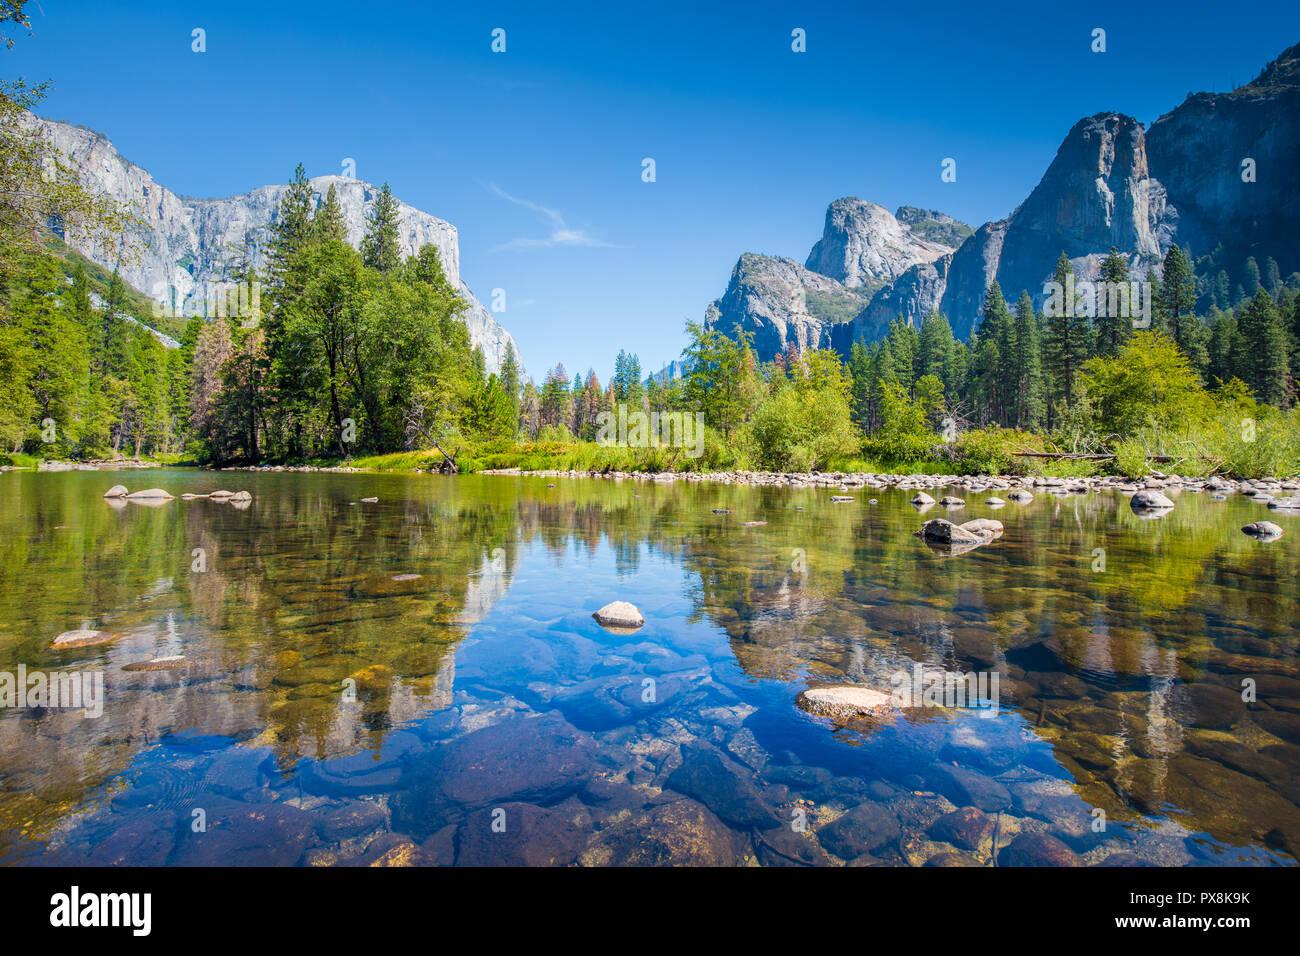 Klassische Ansicht des malerischen Yosemite Valley mit berühmten El Capitan Klettern Gipfel und idyllischen Merced Fluss an einem sonnigen Tag mit blauem Himmel und Wolken Stockbild